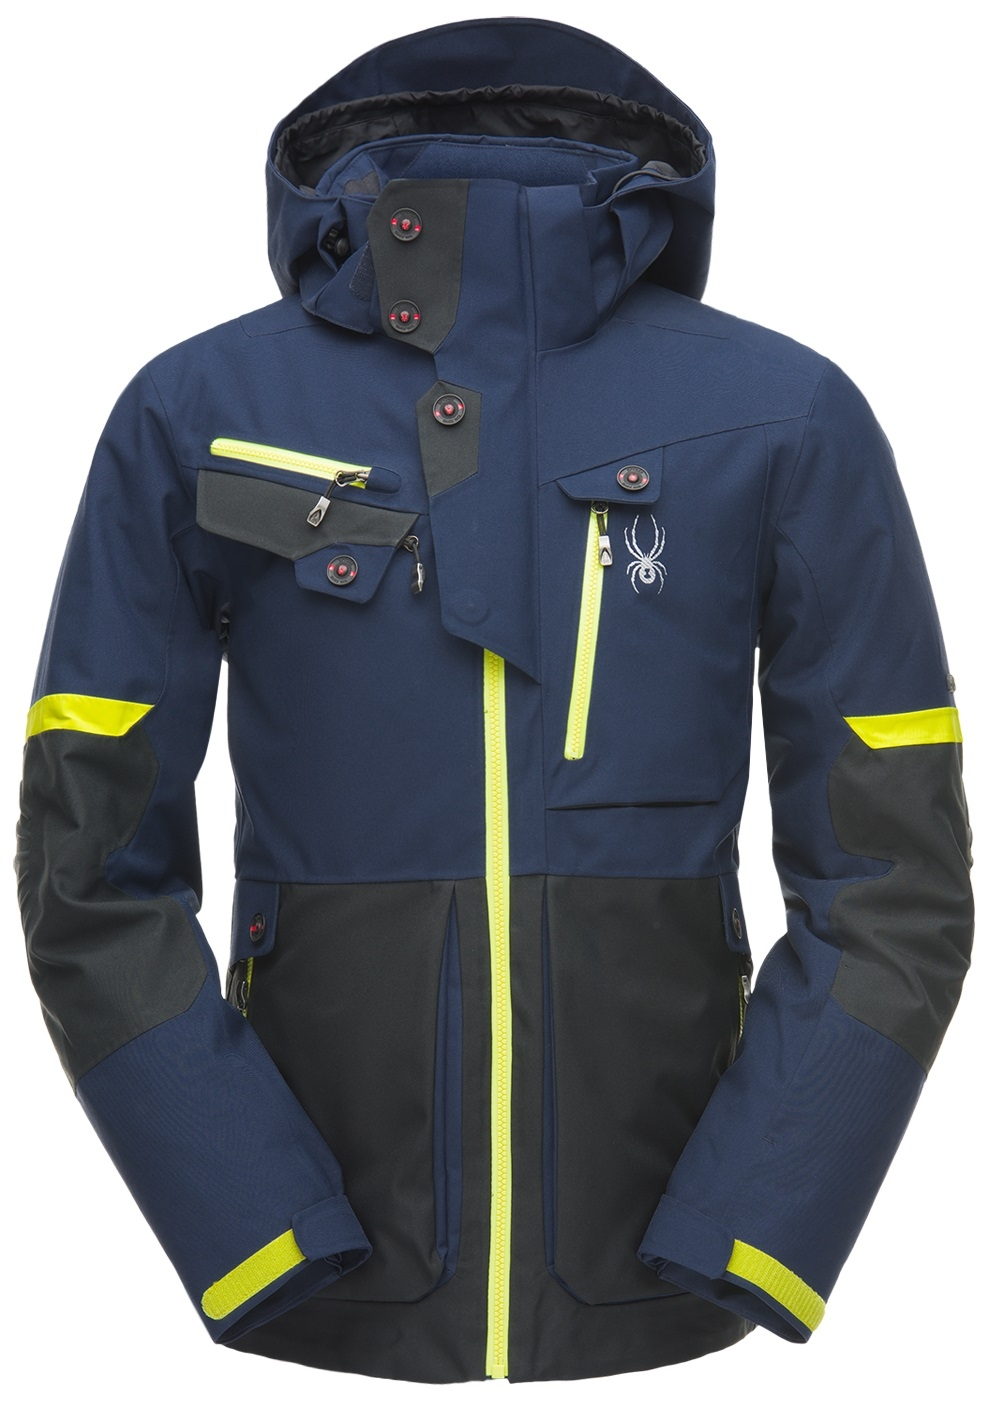 SPYDER - Veste de ski, pantalon, gant et bonnet - PRECISION SKI 5b9d80c953c